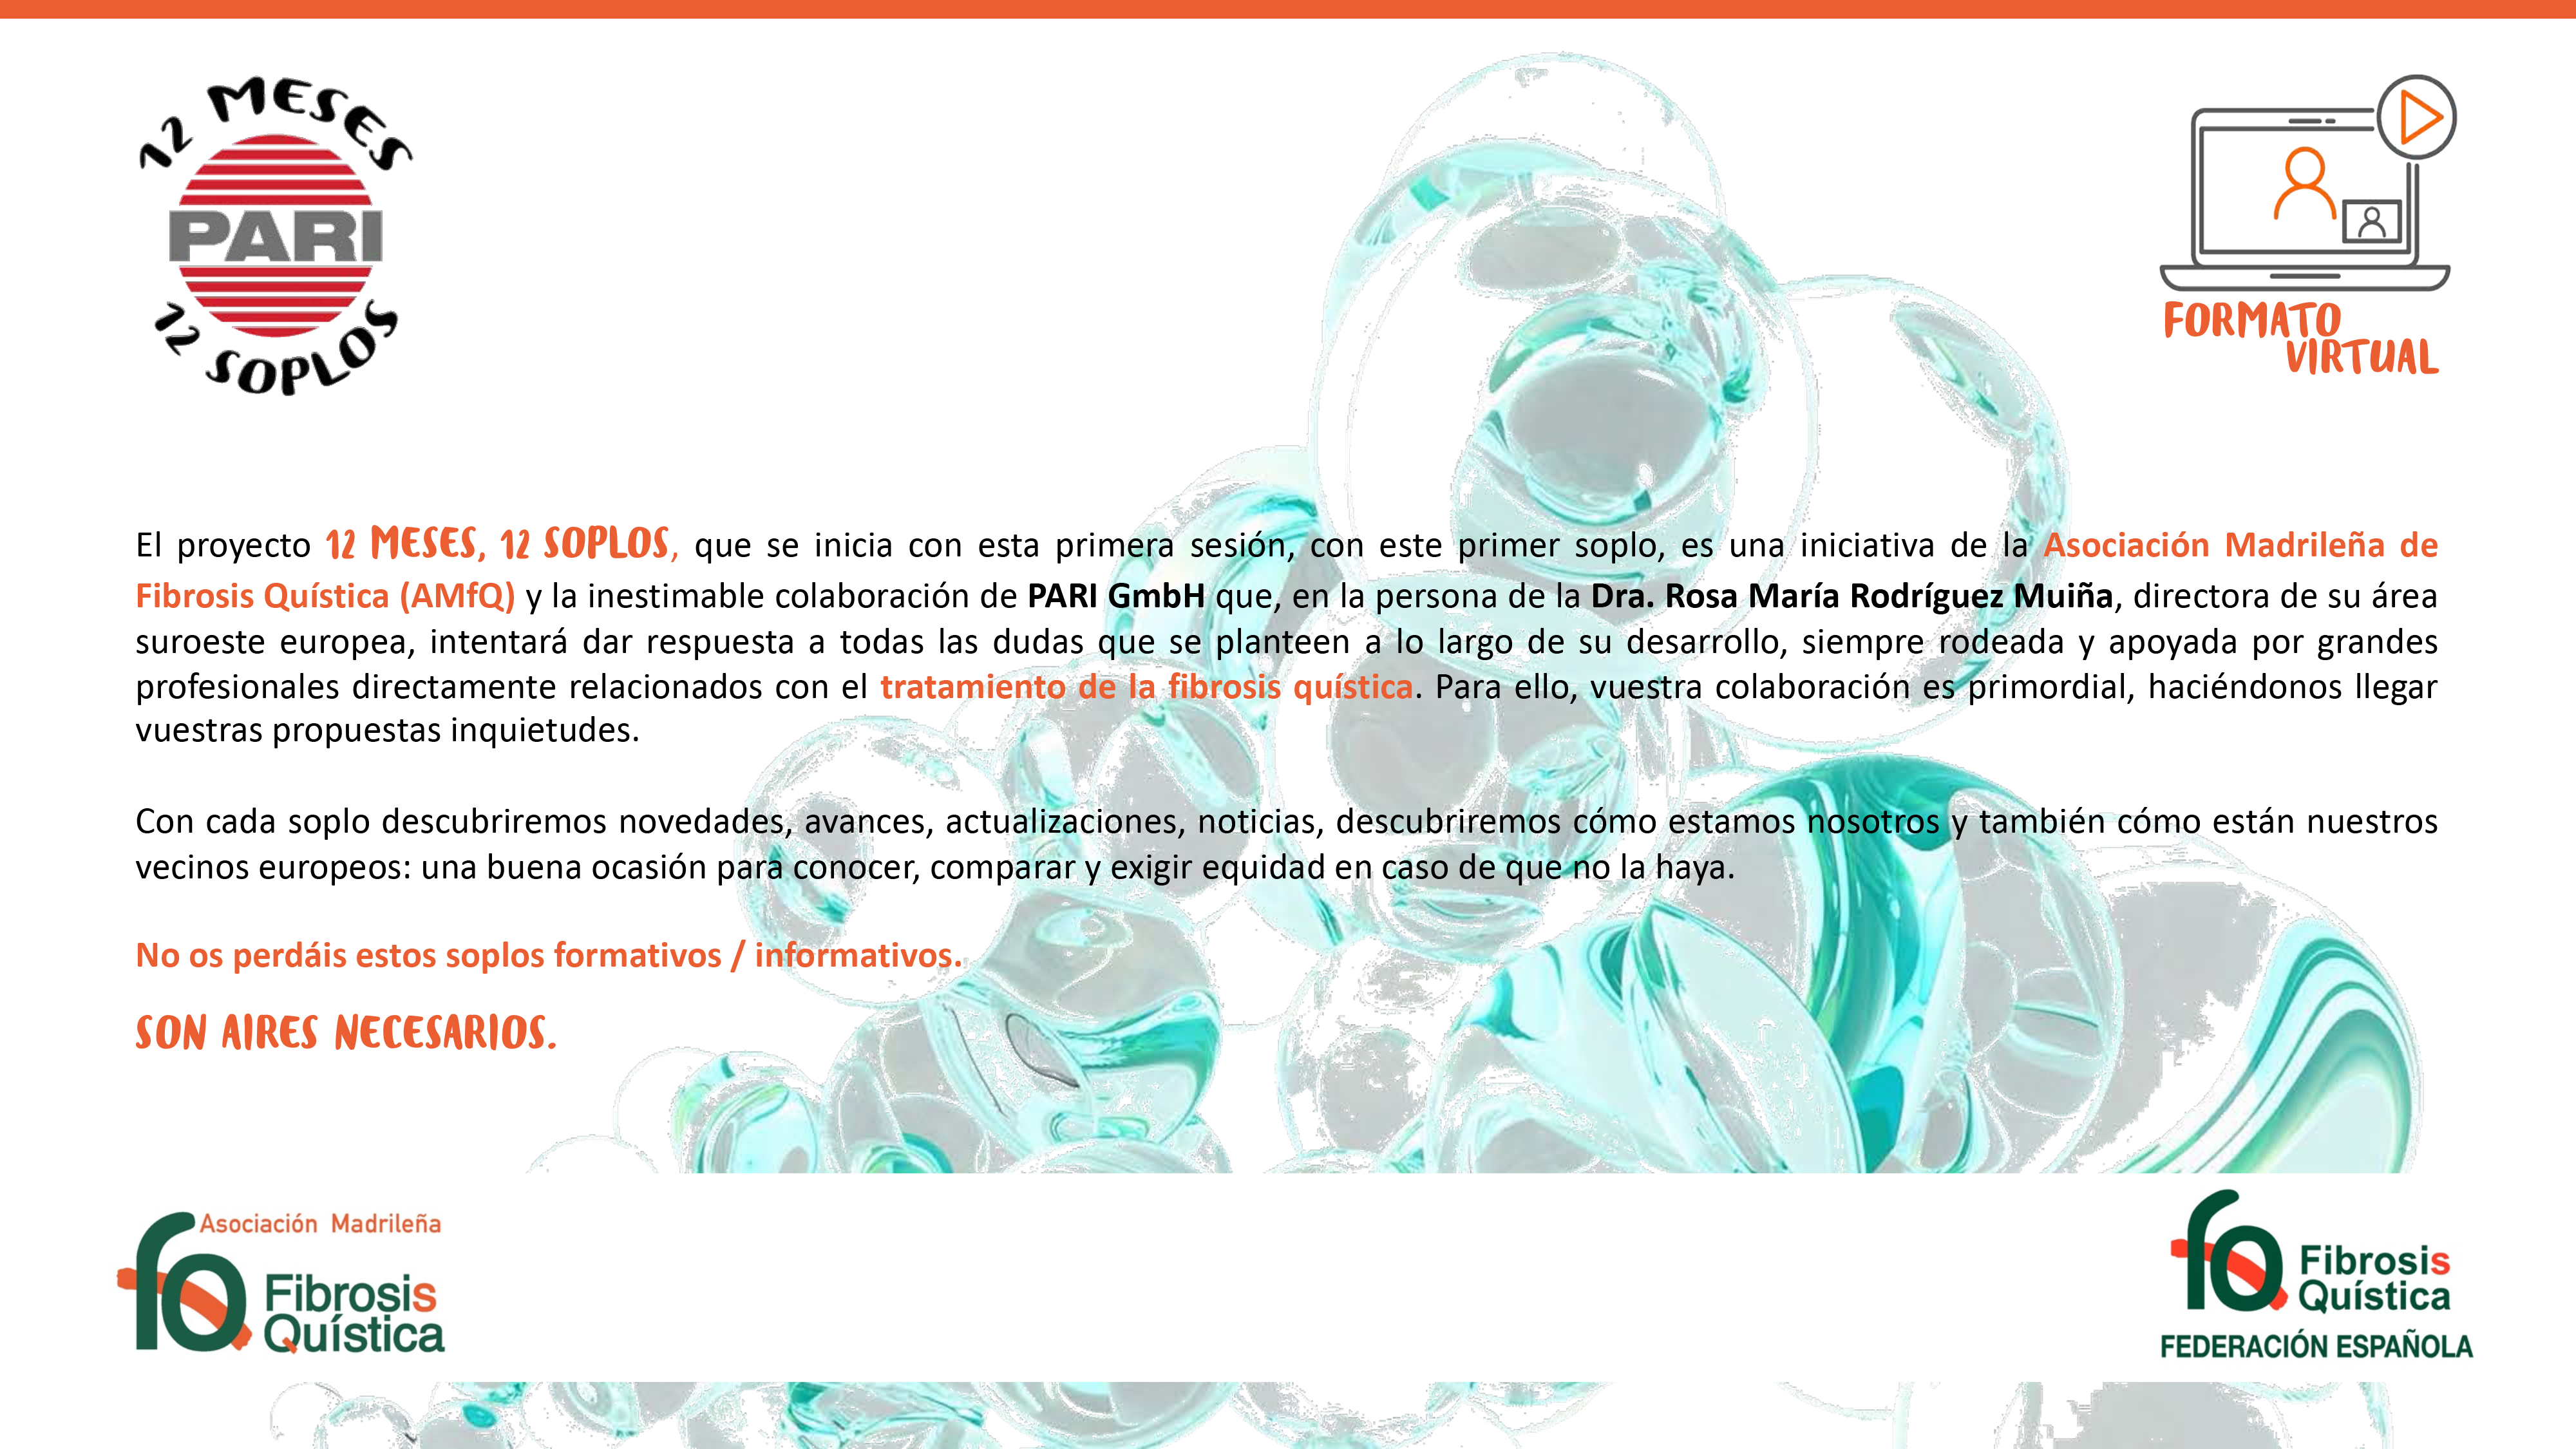 La Asociación Madrileña de FQ y PARI comienzan el ciclo de sesiones virtuales 12 meses, 12 soplos